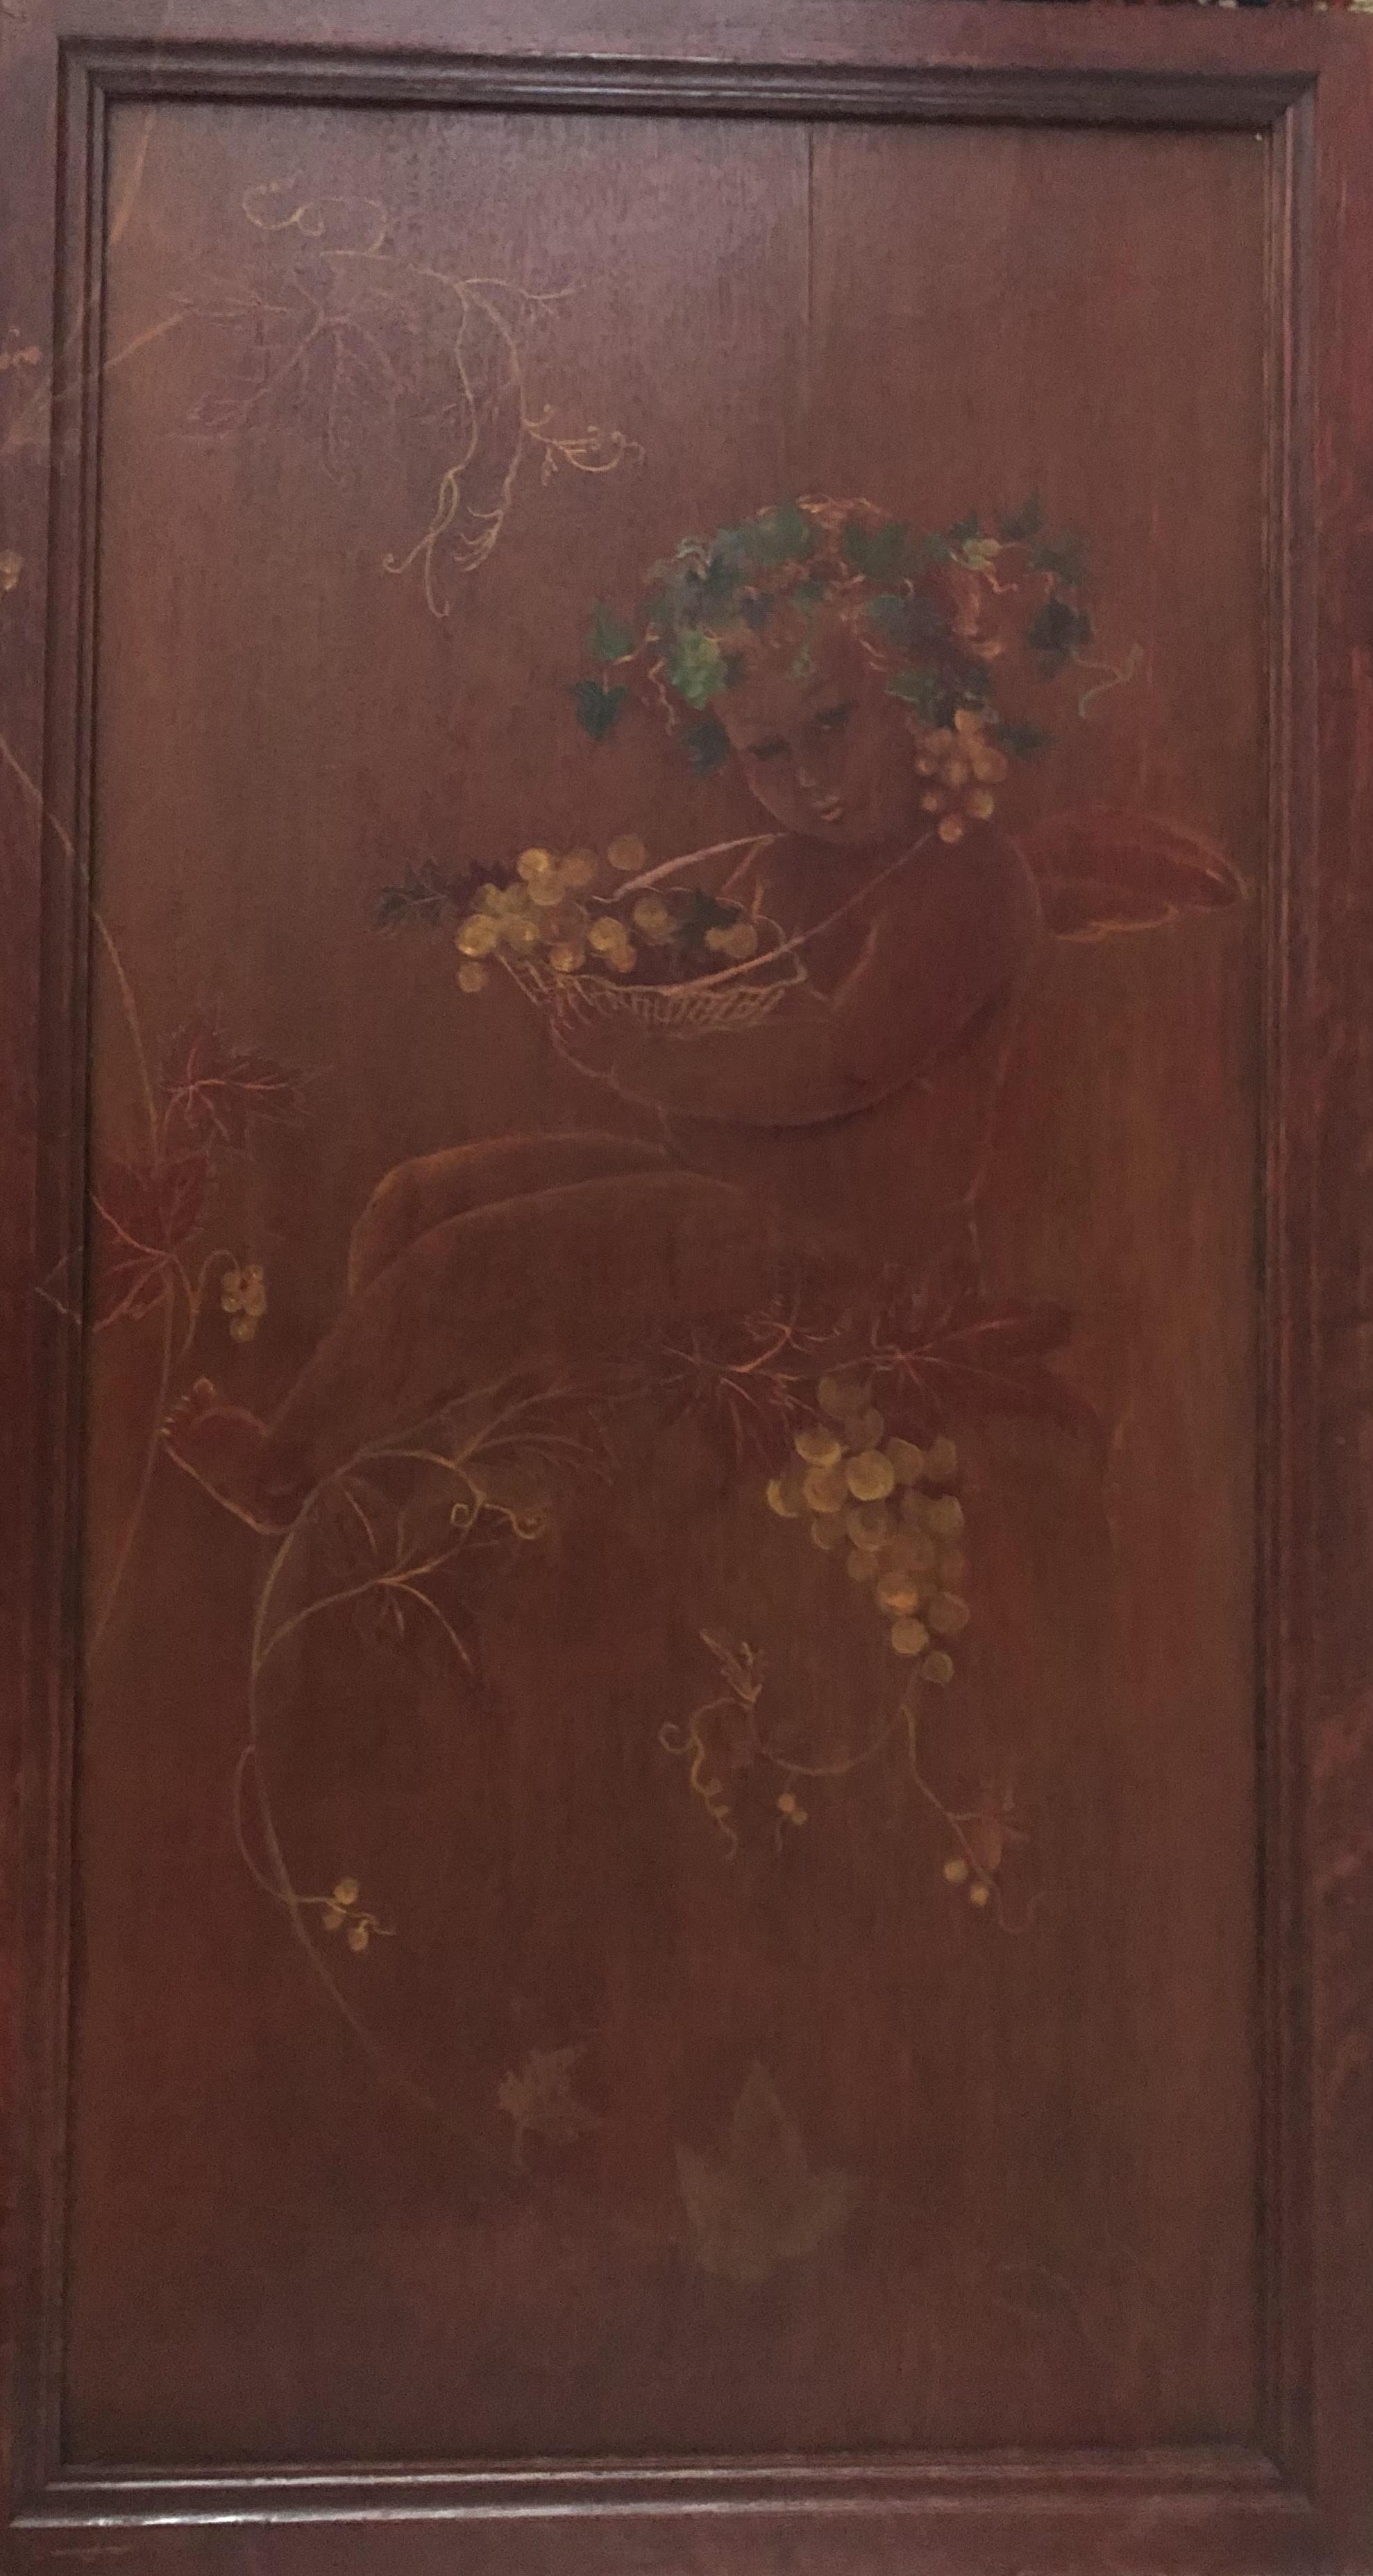 Angelot avec sa corbeille de fruits, panneau de bois d'armoire